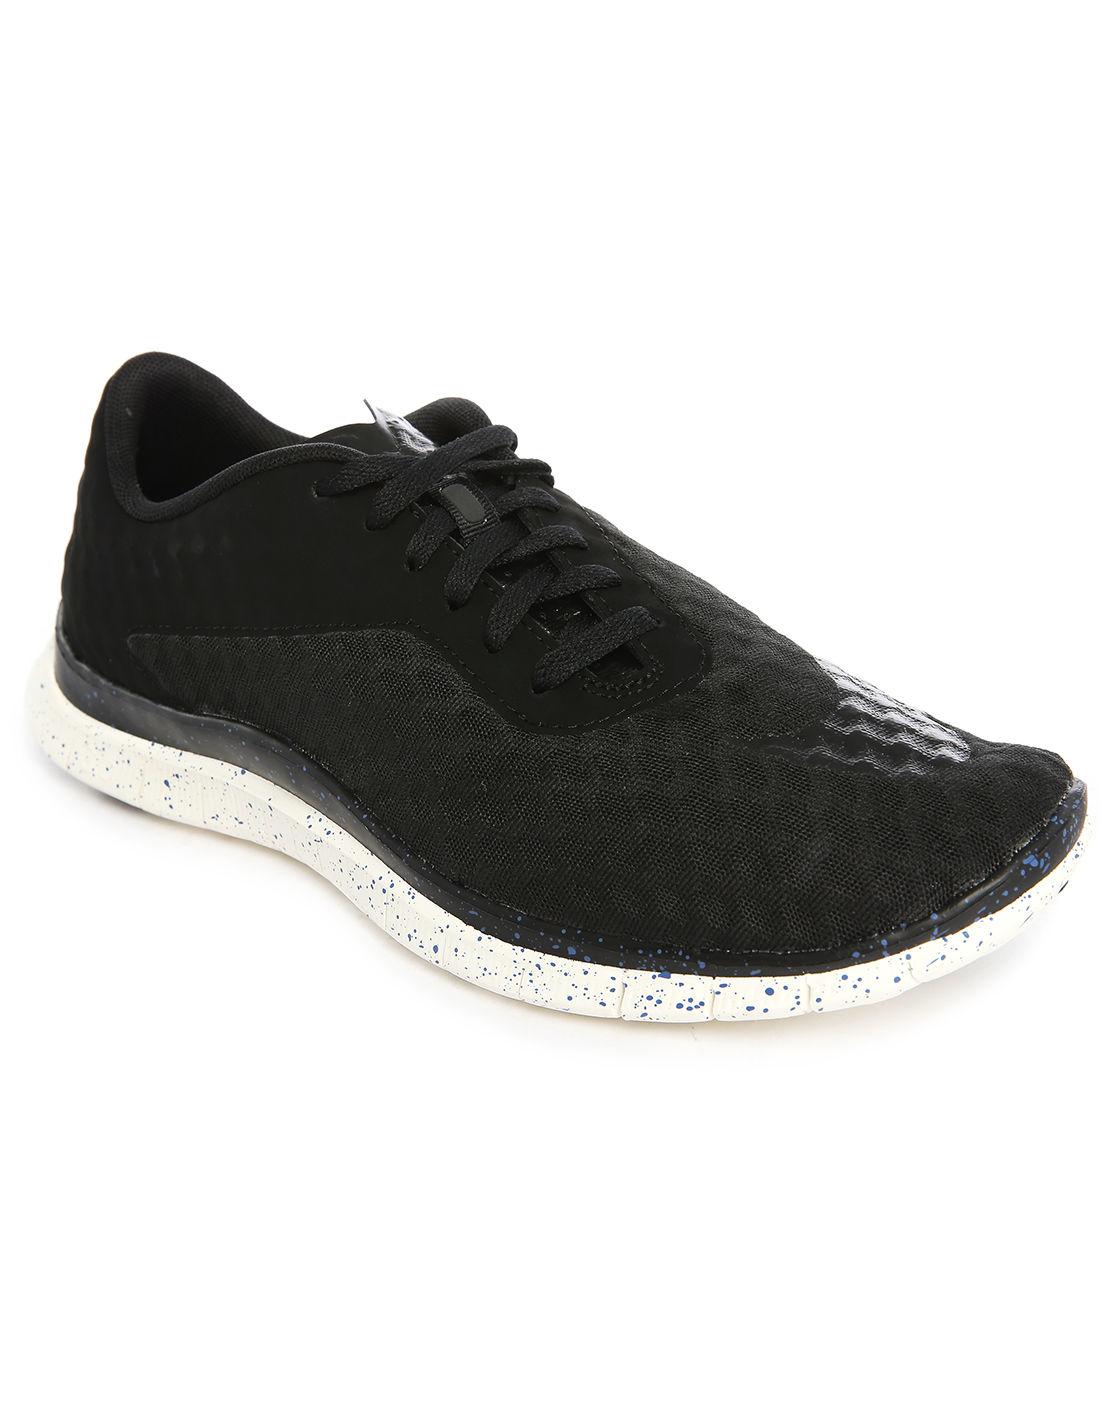 fc528c1834a nike shoes low tops air max 95 360 Black Friday 2016 Deals Sales ...